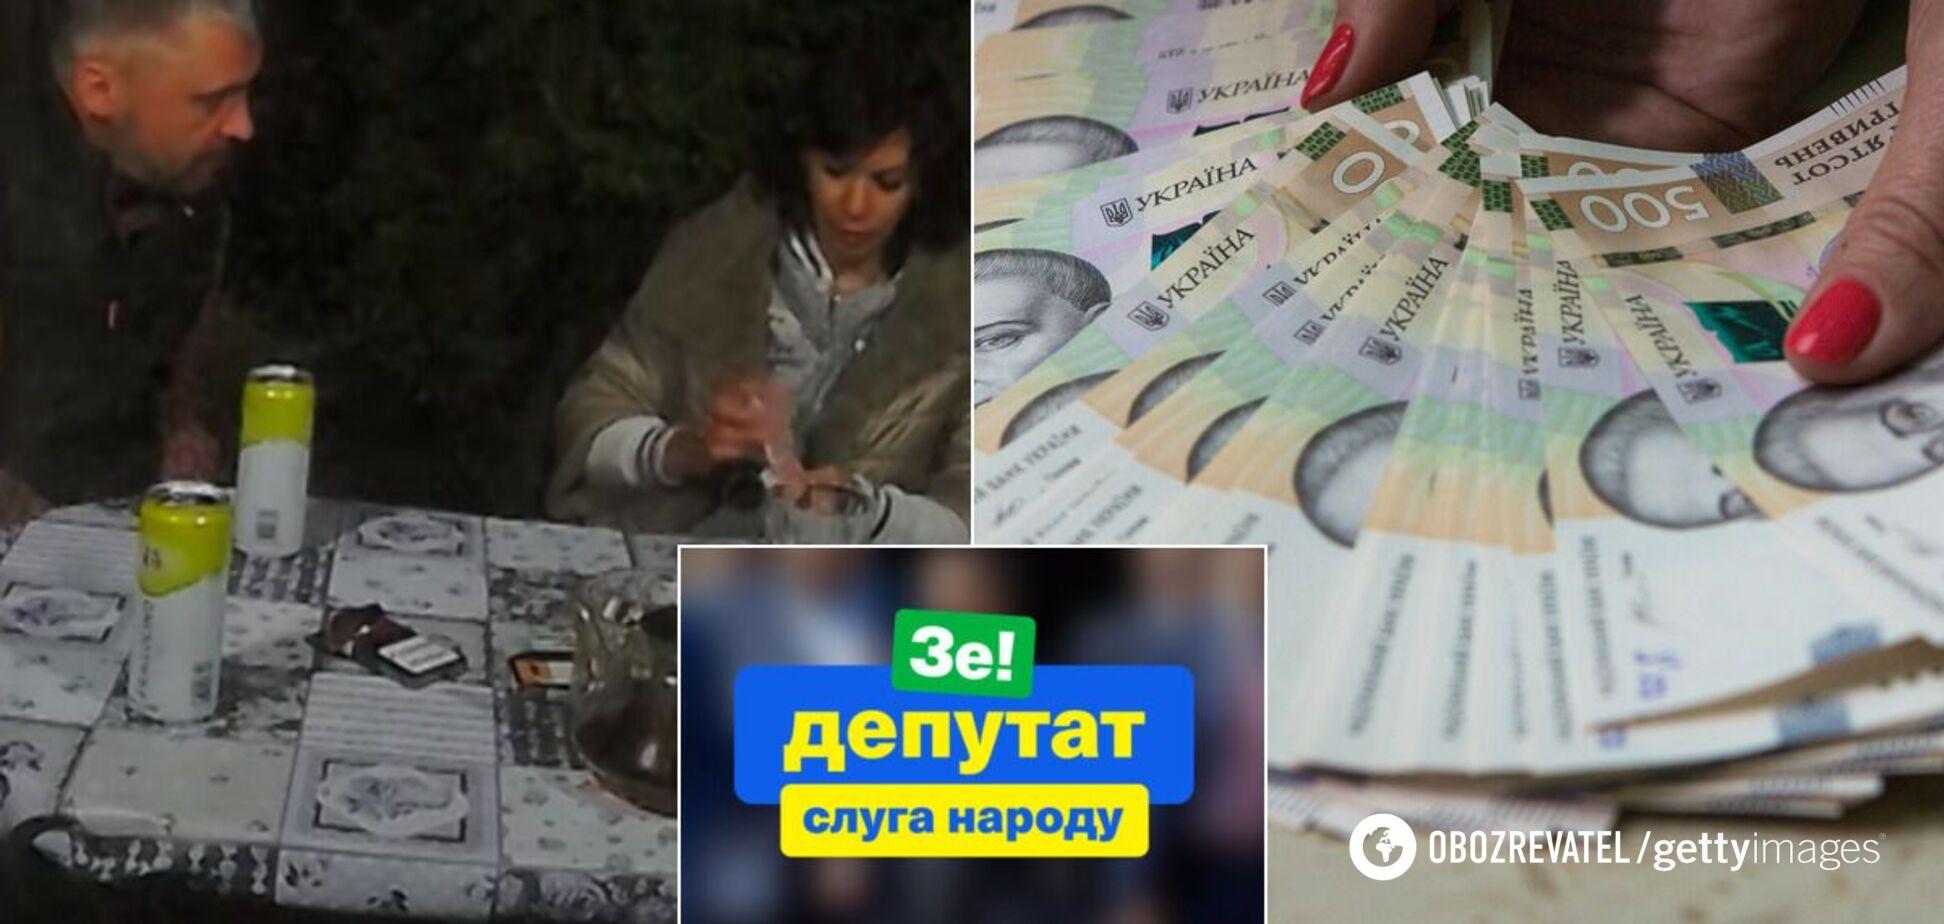 Топчиновниця Держпраці зі 'слугою народу' вигадували скарги на підприємців – розслідування